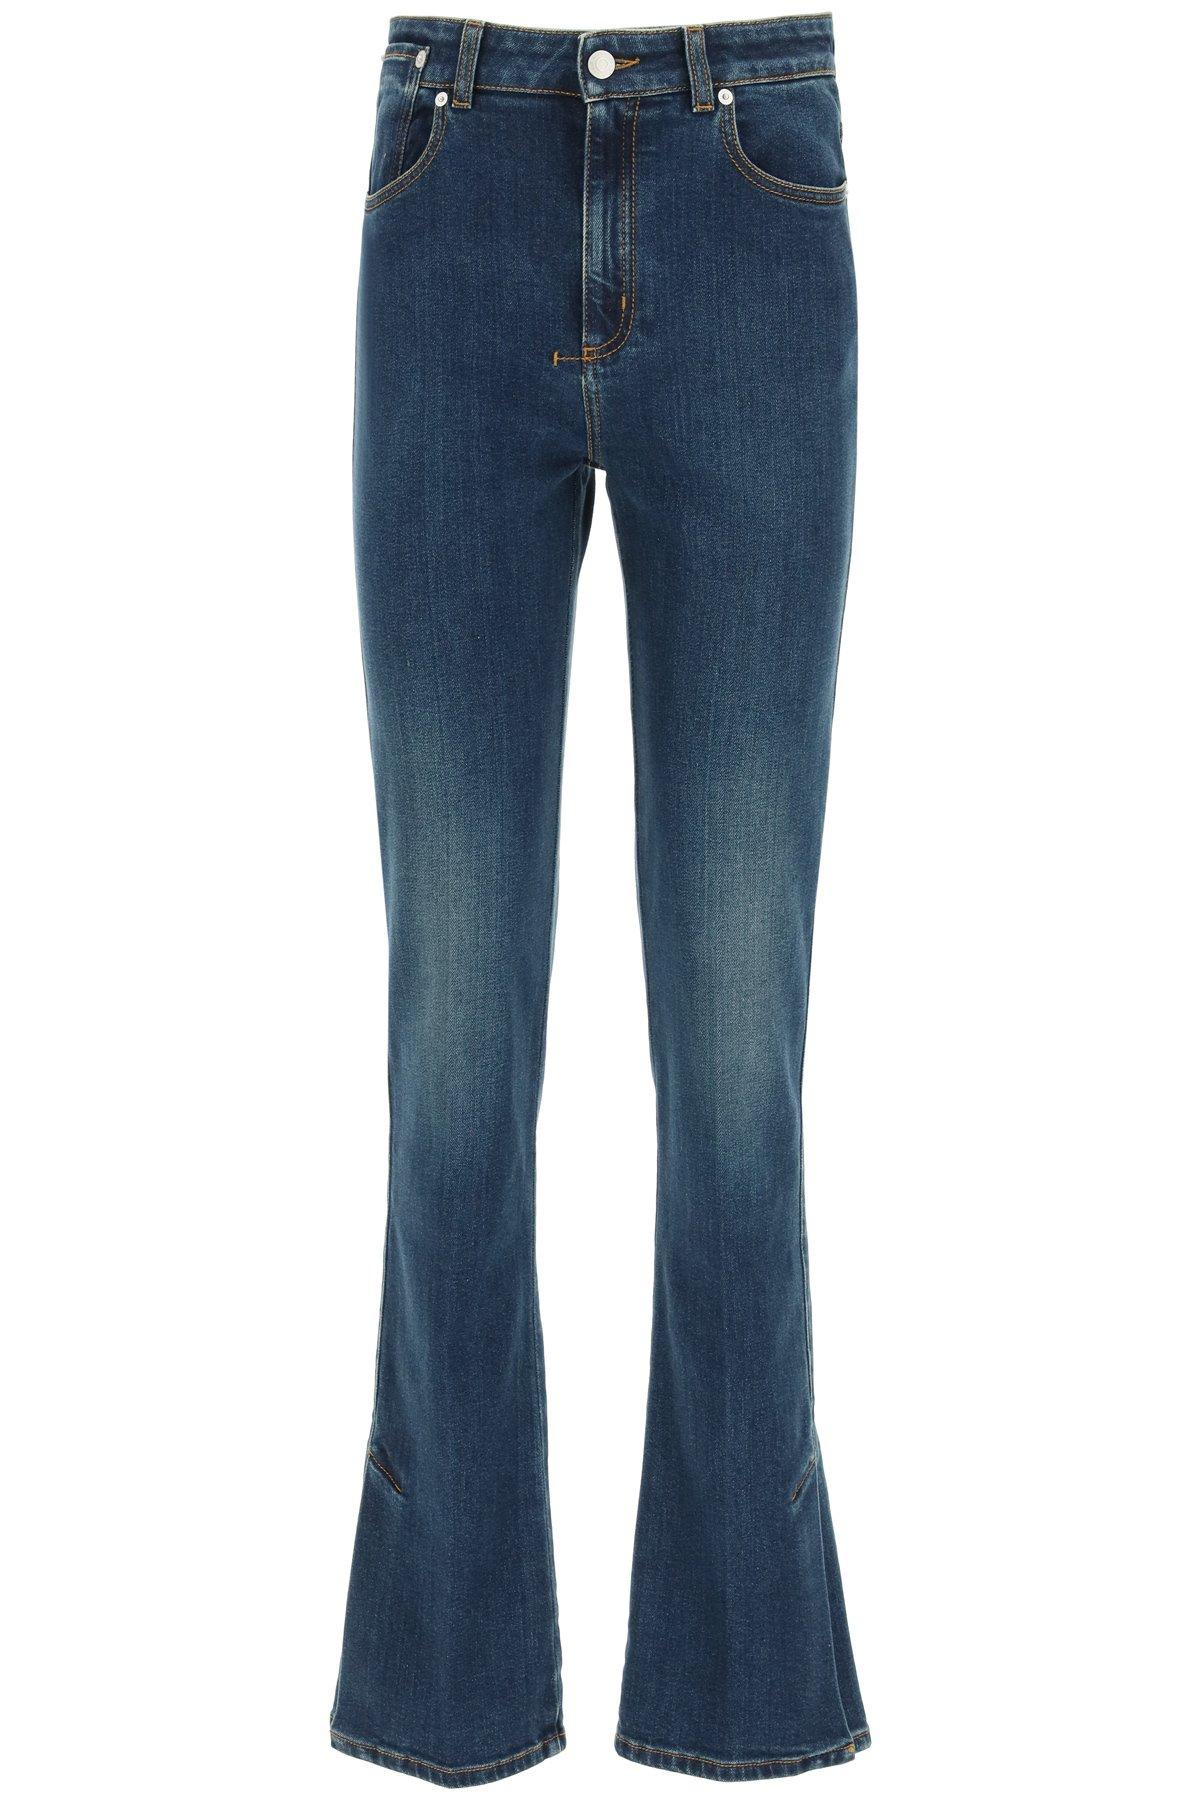 Alexander mcqueen jeans bootcut